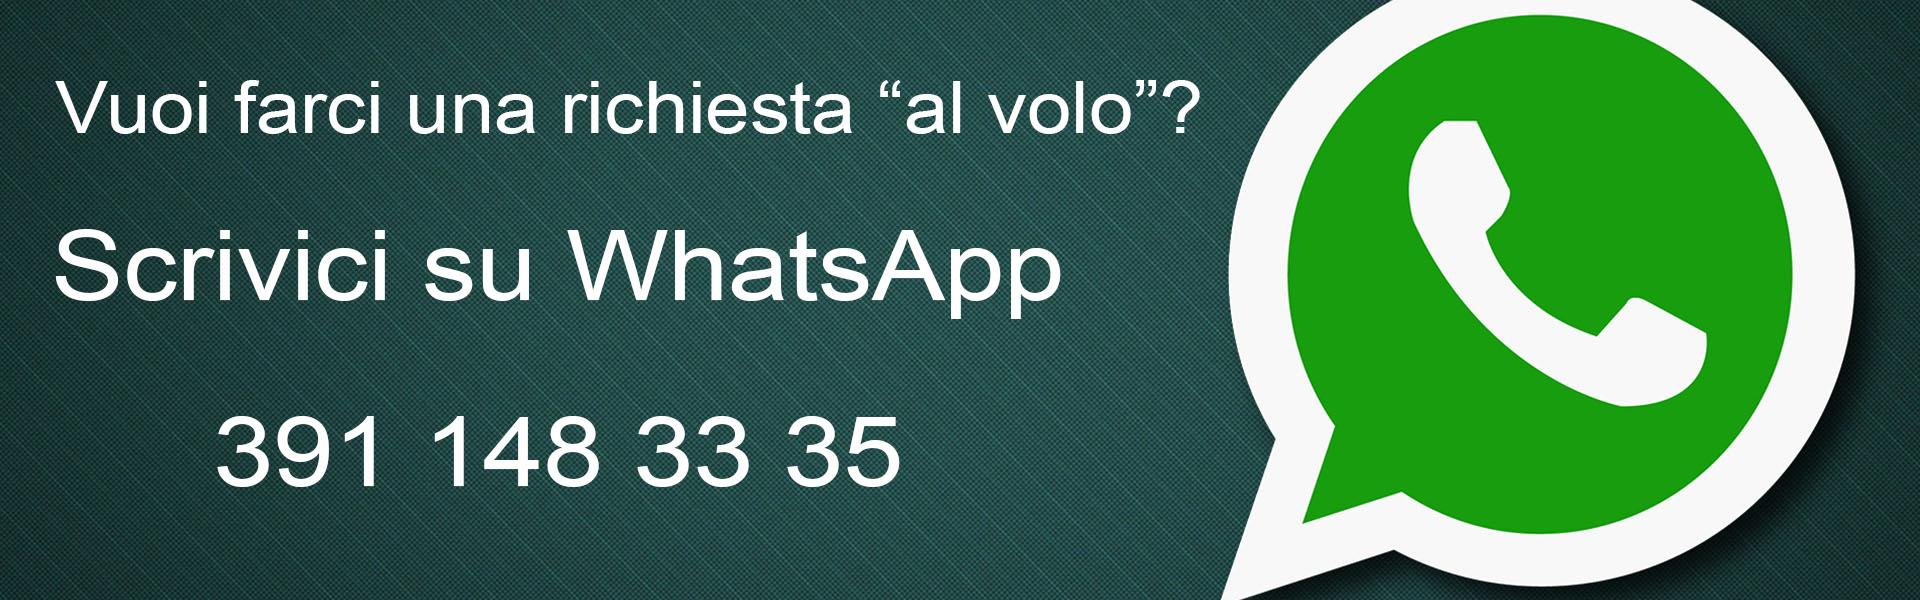 Banner contattaci su WhatsApp